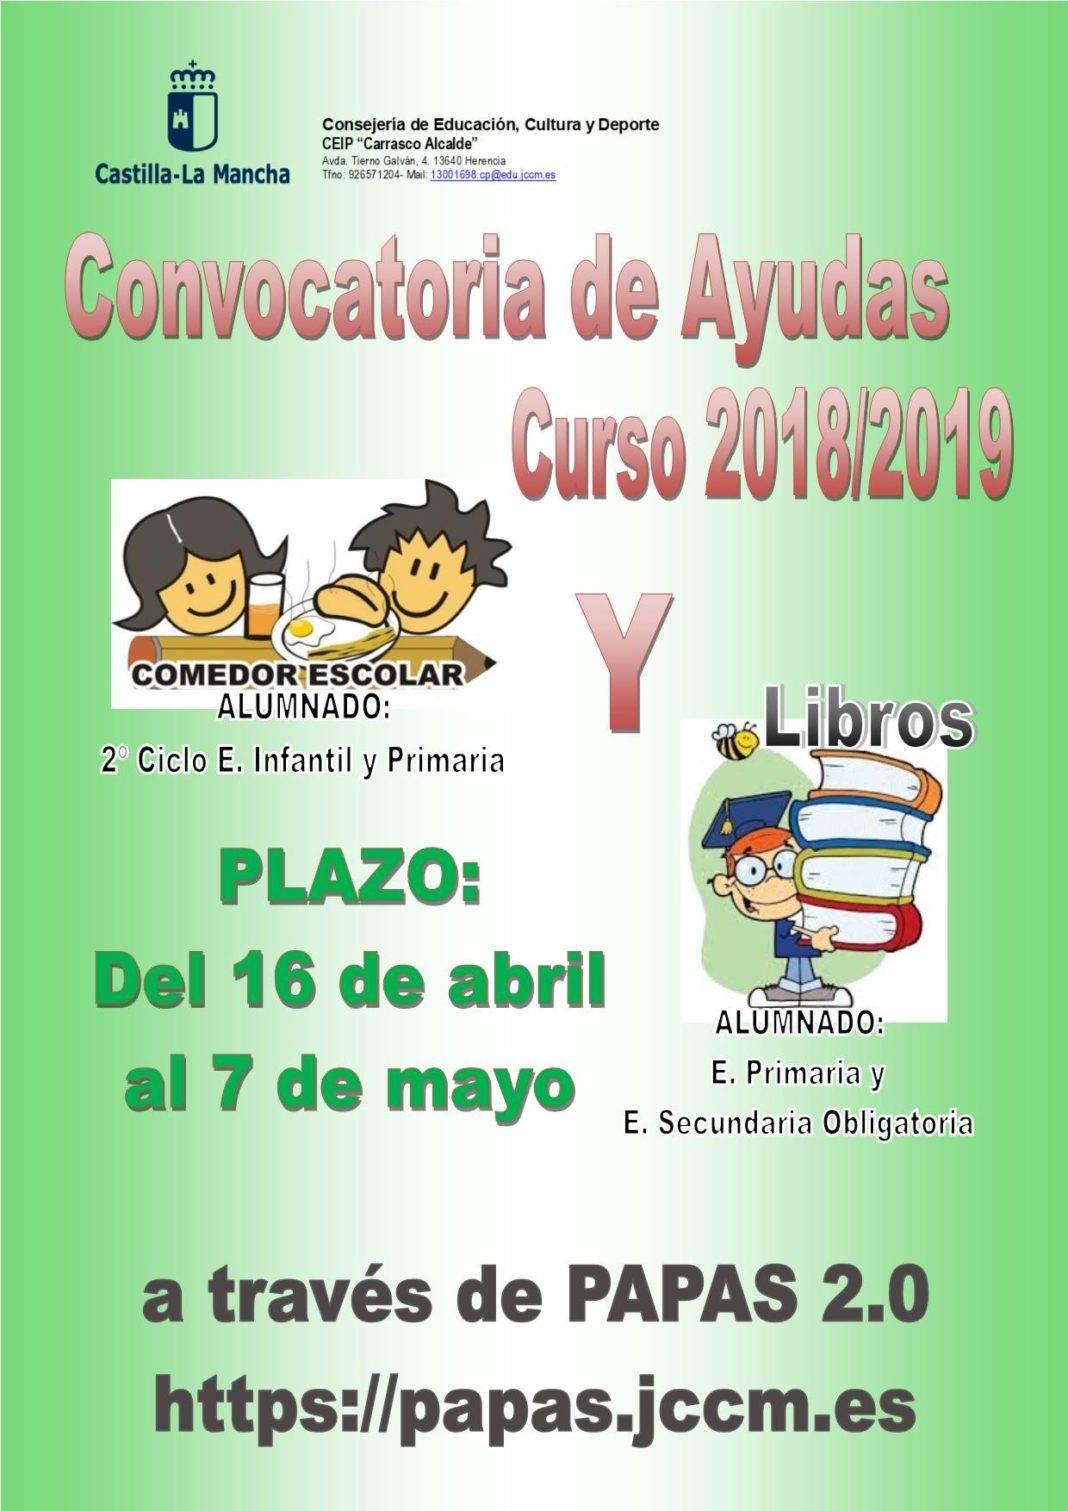 Convocatoria de ayudas para comedor escolar y libros para curso 2018/2019 4